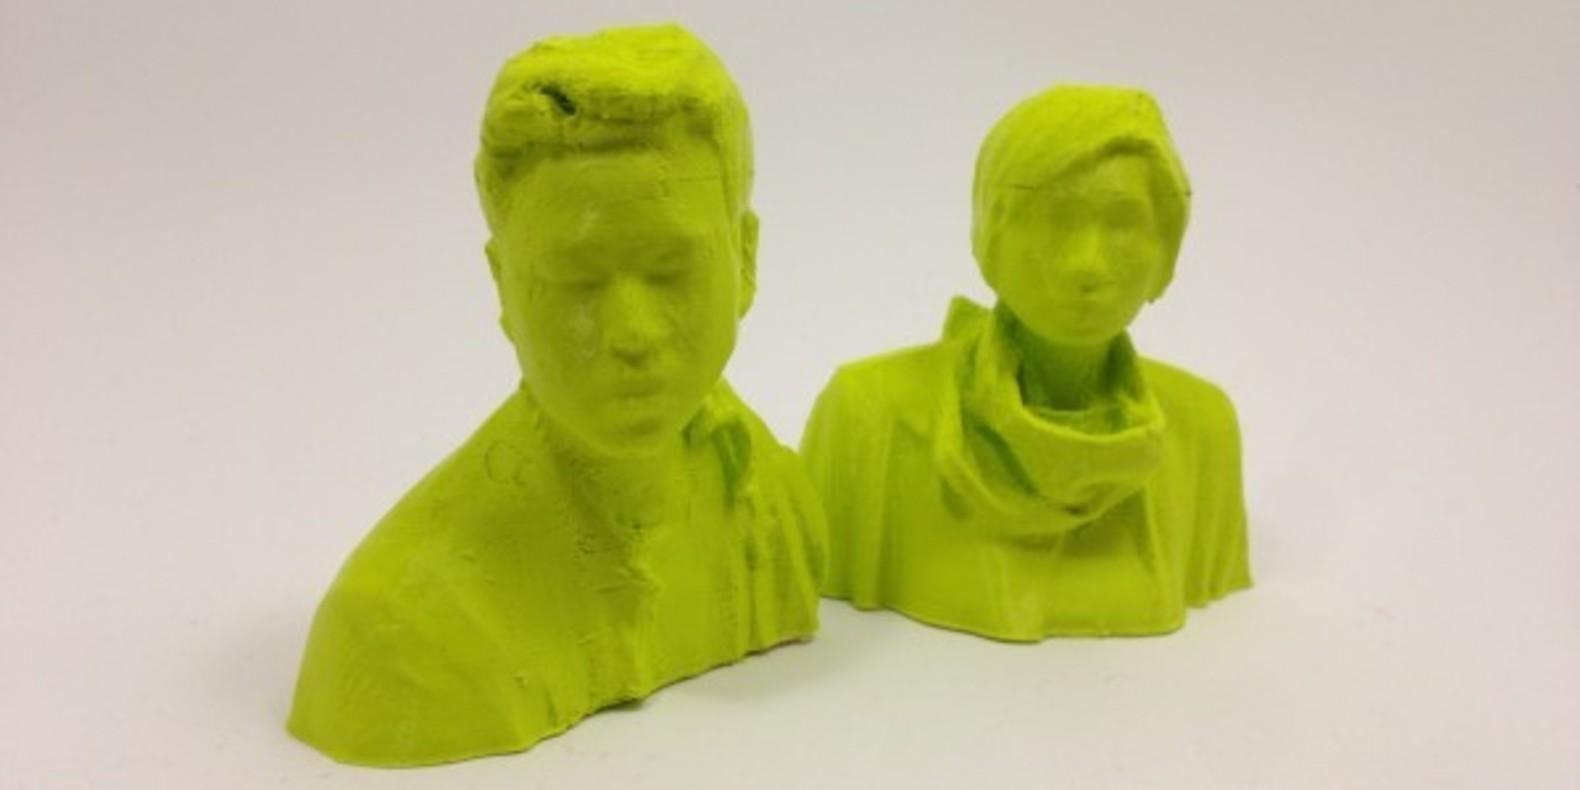 xyz workshop fichier 3D impression 3D createur design cults 3D Elena Low Kae Woei Lim 1